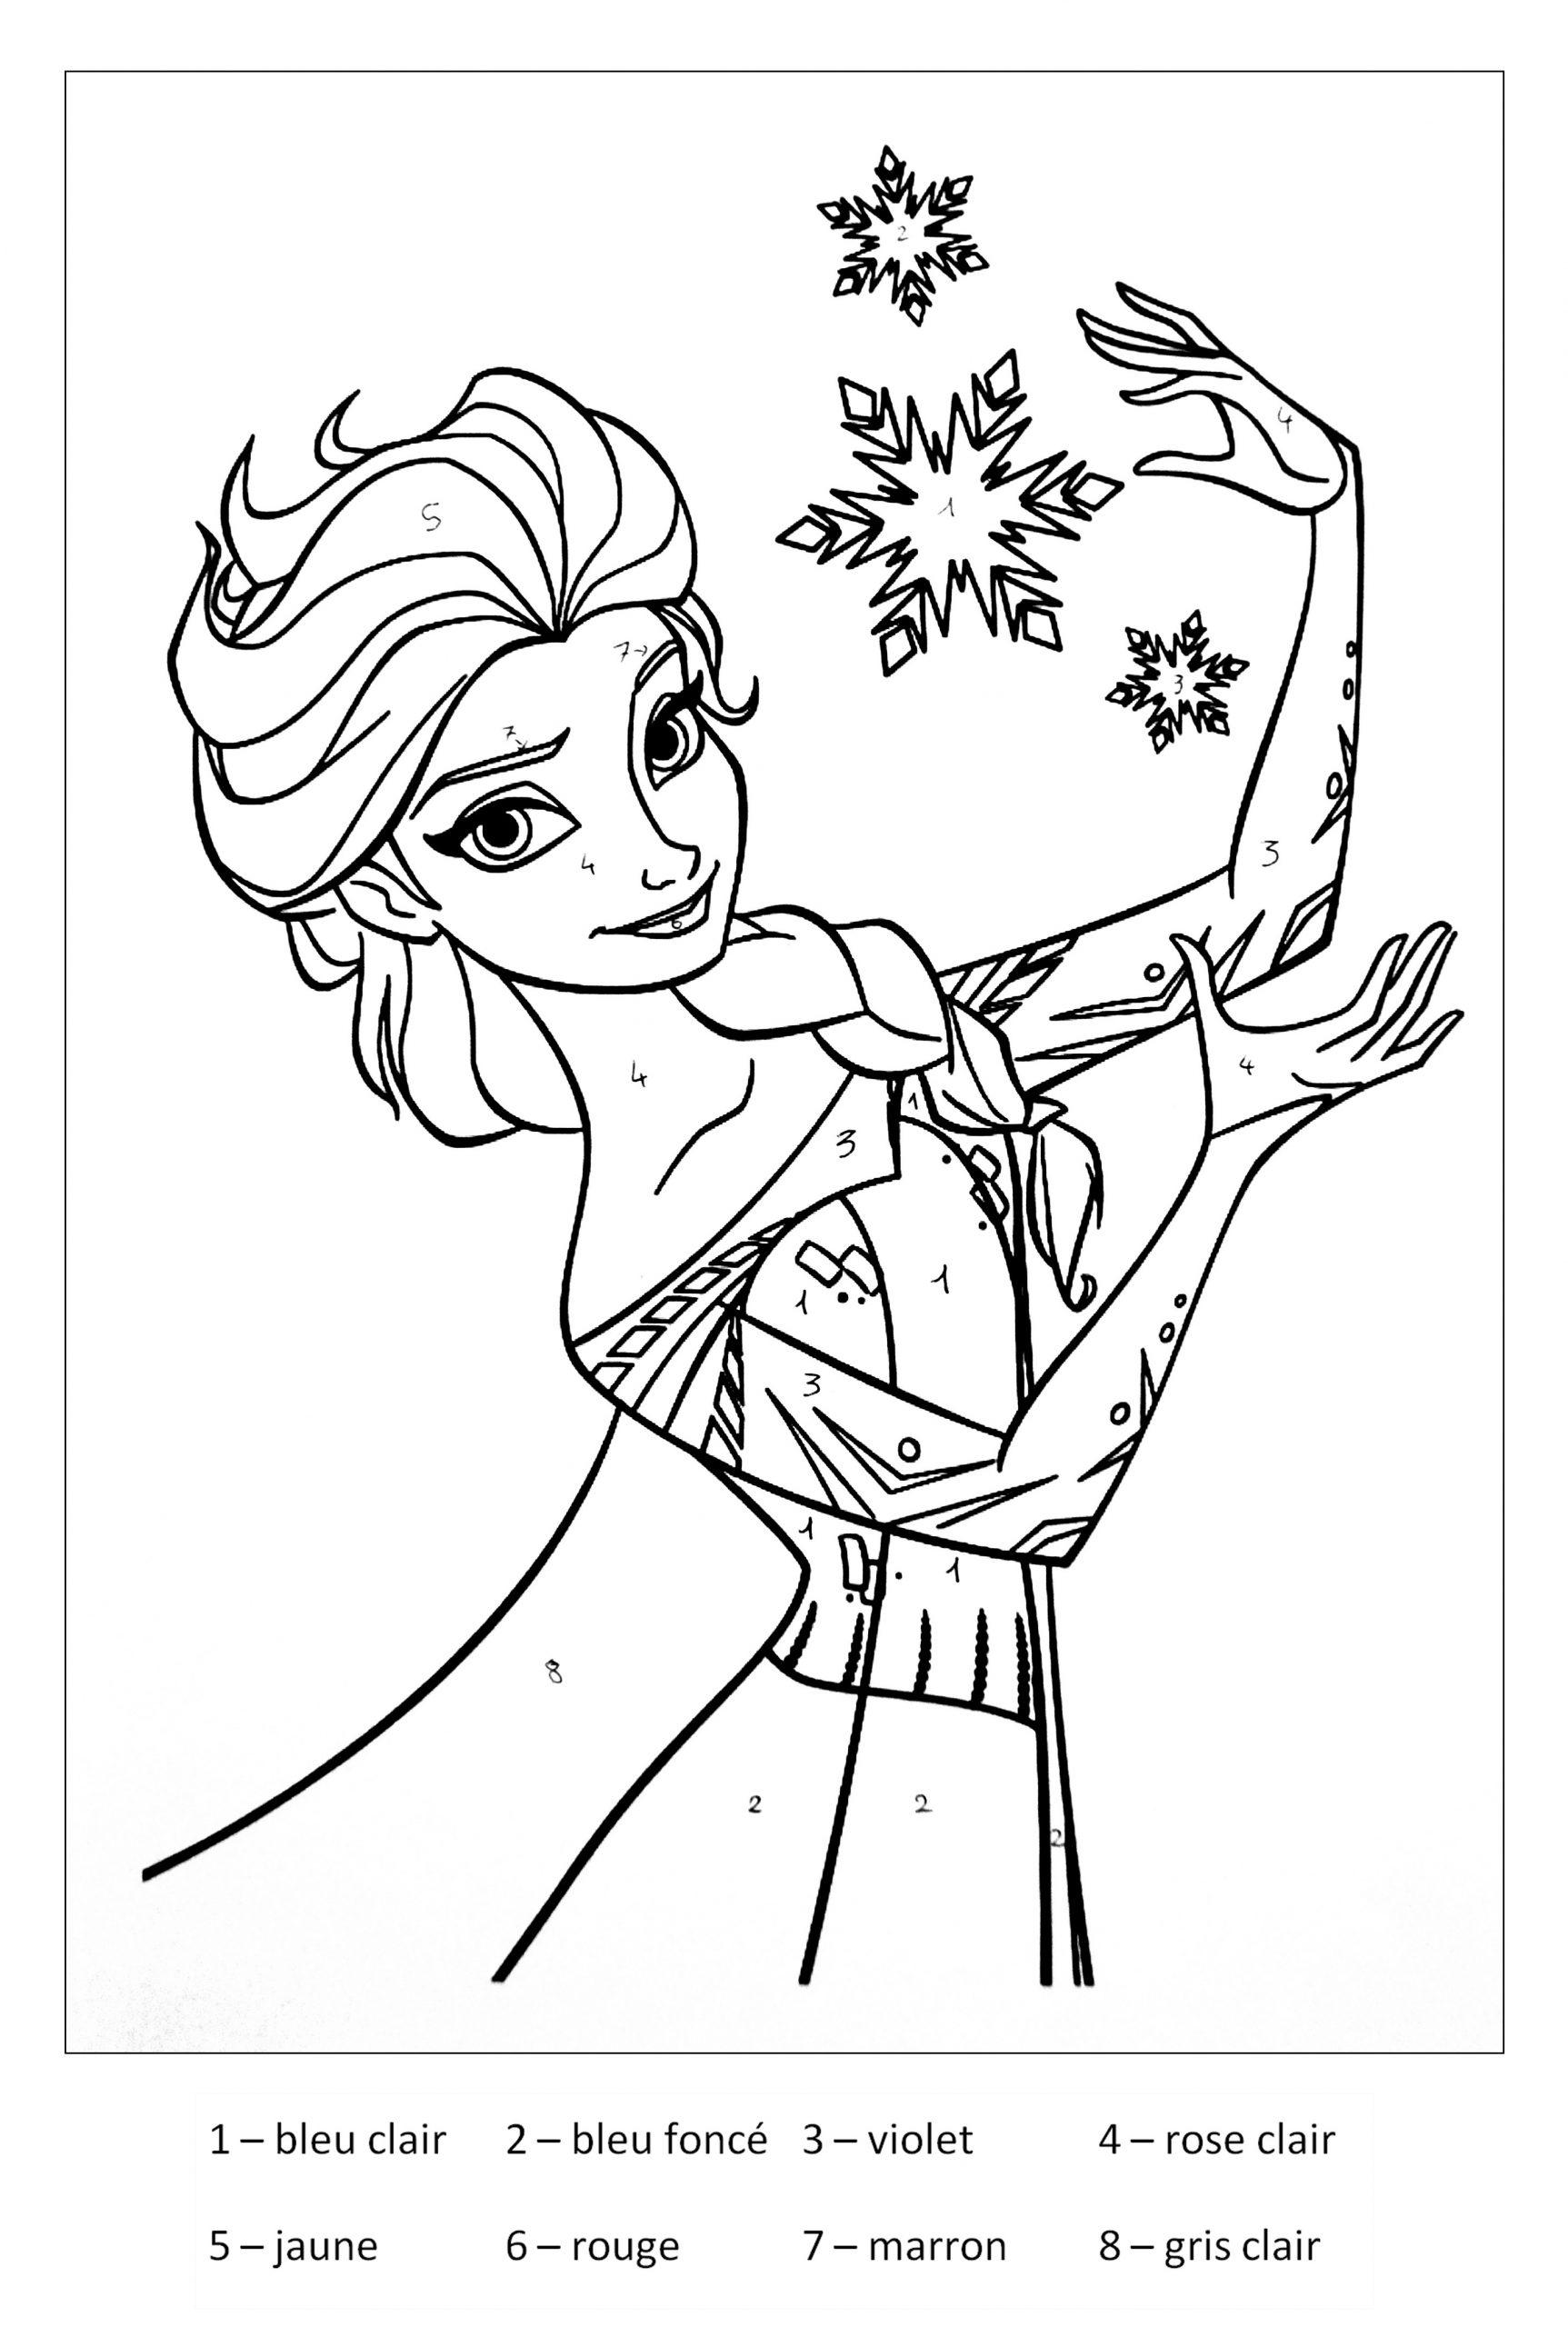 Coloriage De Elsa La Reine Des Neiges Gratuit À Colorier encequiconcerne Reine Des Neiges Dessin À Colorier